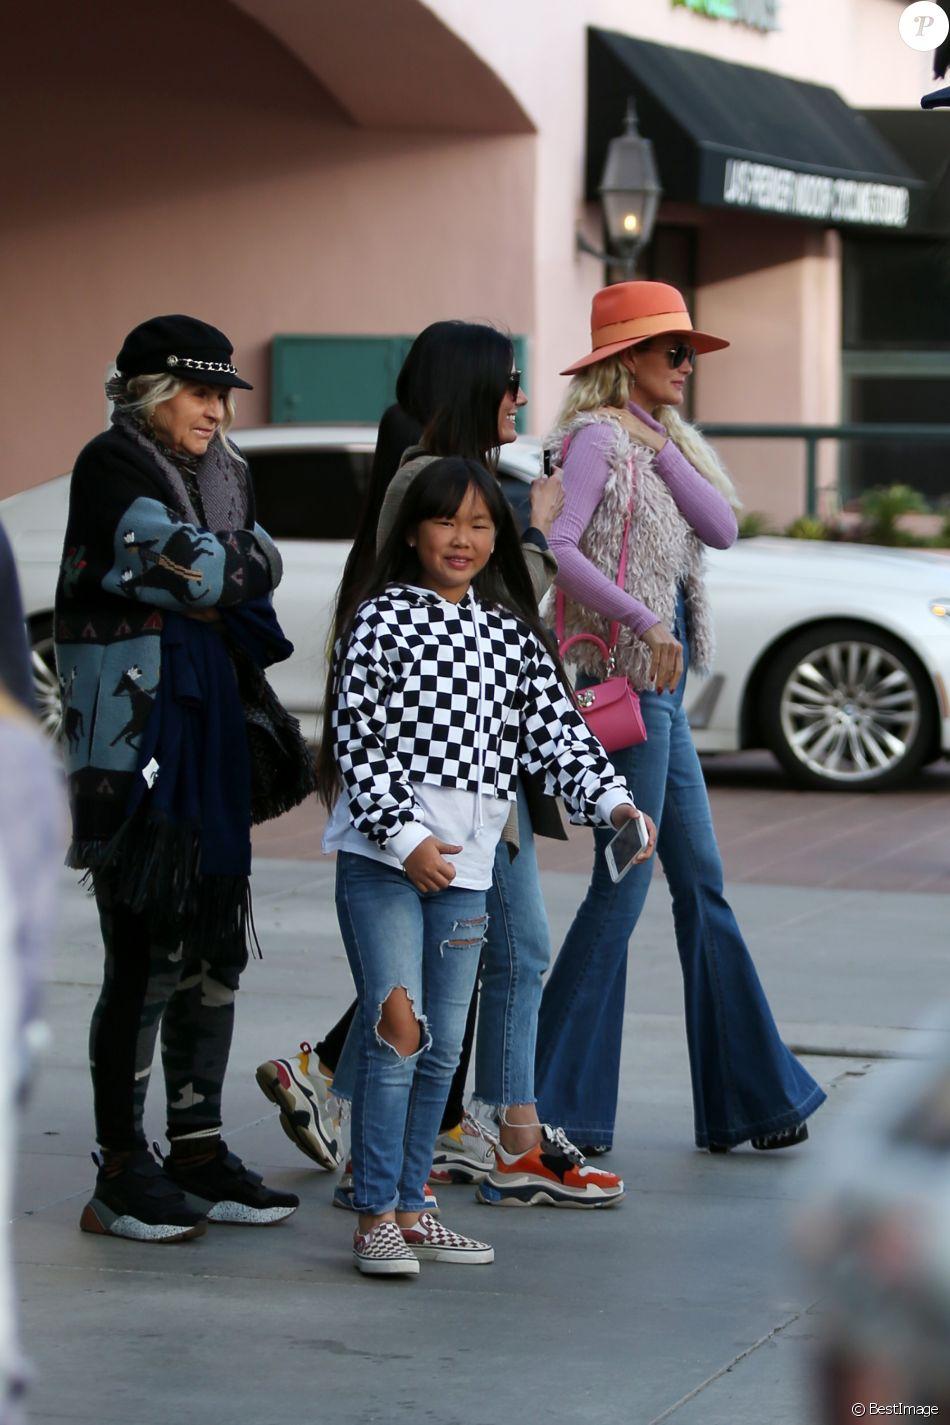 Semi-exclusif - Laeticia Hallyday est allée déjeuner avec ses filles Jade et Joy, sa mère Françoise Thibault et la compagne de son frère, Maryline Issartier au restaurant Ivy à Santa Monica le 9 mars 2019.